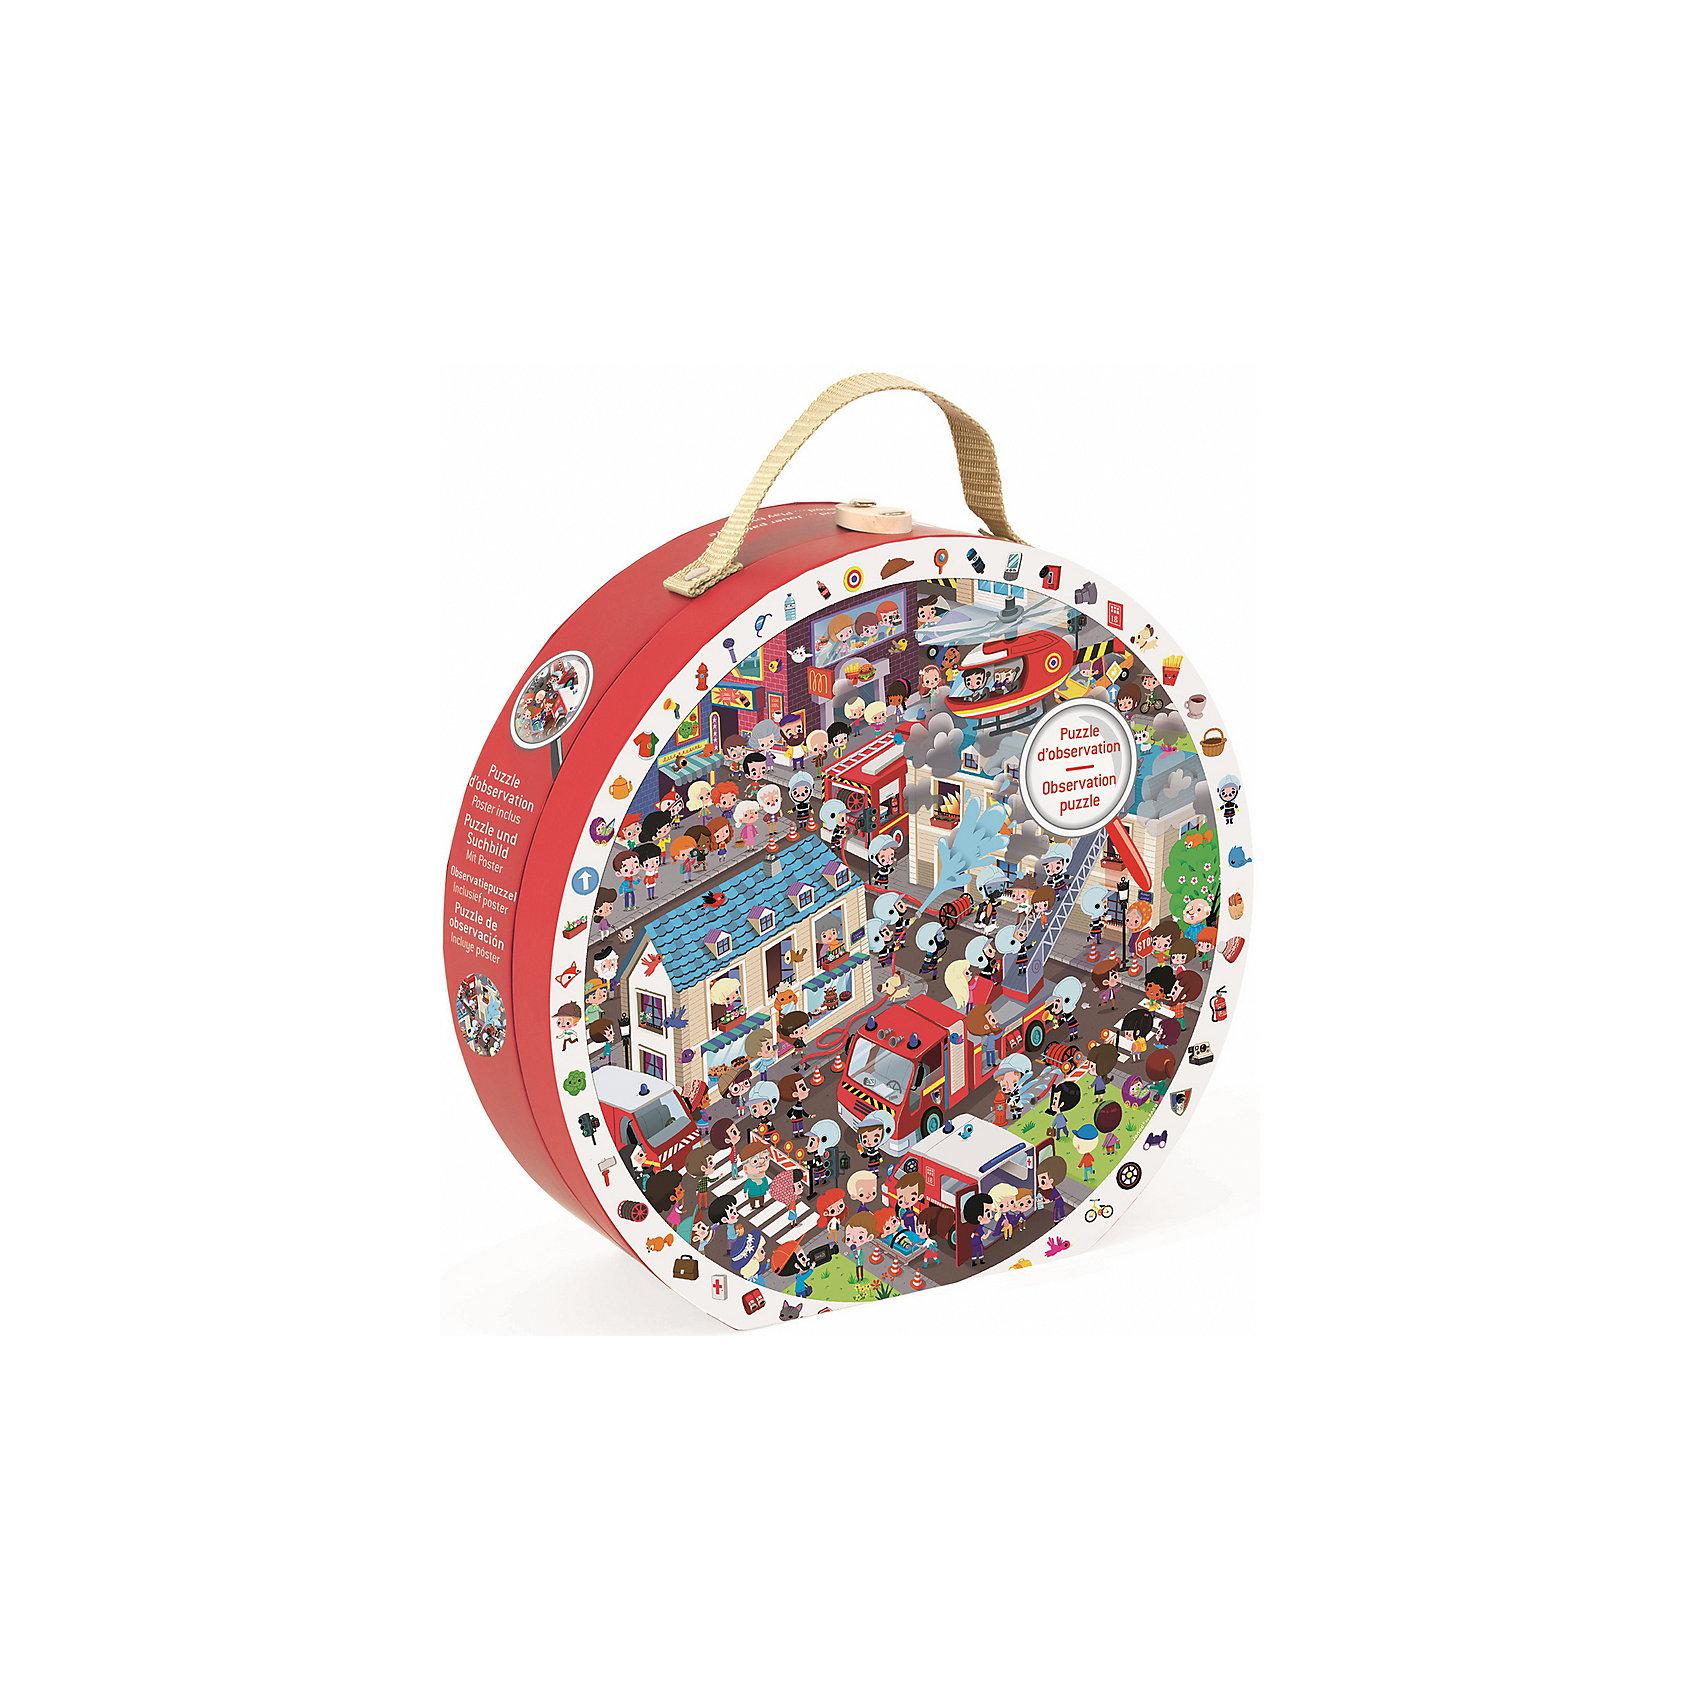 Пазл большой в круглом чемоданчике Пожарные, 208 деталей, JanodКлассические пазлы<br>Пазл большой в круглом чемоданчике Пожарные, 208 элементов, Janod (Жанод) ? игрушка-головоломка от французского бренда Janod. Пазлы от Janod (Жанод) отличает высокий художественный стиль, яркие краски, сочетаемость цветов и оттенков, простые, но добрые сюжеты и привлекательные изображения персонажей.<br>Пазл Пожарные, Janod (Жанод) состоит из 208 элементов и имеет необычную форму – собранная картинка круглая, размером 50x50 см. Пазл представляет  собой сюжетное изображение спасательной операции на пожаре, со множеством персонажей и пожарной техники. Задача ребенка заключается в том, чтобы собрать полное изображение. <br>Собирая пазлы,  ребенок развивает образное и логическое мышление, тренирует память и внимательность, приучается к усидчивости. При составлении рассказа по картинке ? развивает воображение и обучается связной речи.  <br>Пазл большой в круглом чемоданчике Пожарные, 208 деталей, Janod (Жанод) упакован в подарочный круглый чемоданчик с ручкой и замочком.<br><br>Дополнительная информация:<br><br>- Вид игр: игры-головоломки, сюжетно-ролевые<br>- Предназначение: для дома<br>- Материал: картон<br>- Комплектация: 208 элементов, чемоданчик<br>- Размер (Д*Ш*В): 25*7*24 см<br>- Вес: 710 г <br>- Пол: для мальчиков<br>- Особенности ухода: можно протирать сухой губкой<br><br>Подробнее:<br><br>• Для детей в возрасте: от 6 лет <br>• Страна производитель: Китай<br>• Торговый бренд: Janod<br><br>Пазл большой в круглом чемоданчике Пожарные, 208 деталей, Janod (Жанод) можно купить в нашем интернет-магазине.<br><br>Ширина мм: 25<br>Глубина мм: 7<br>Высота мм: 24<br>Вес г: 700<br>Возраст от месяцев: 72<br>Возраст до месяцев: 2147483647<br>Пол: Унисекс<br>Возраст: Детский<br>SKU: 4871781